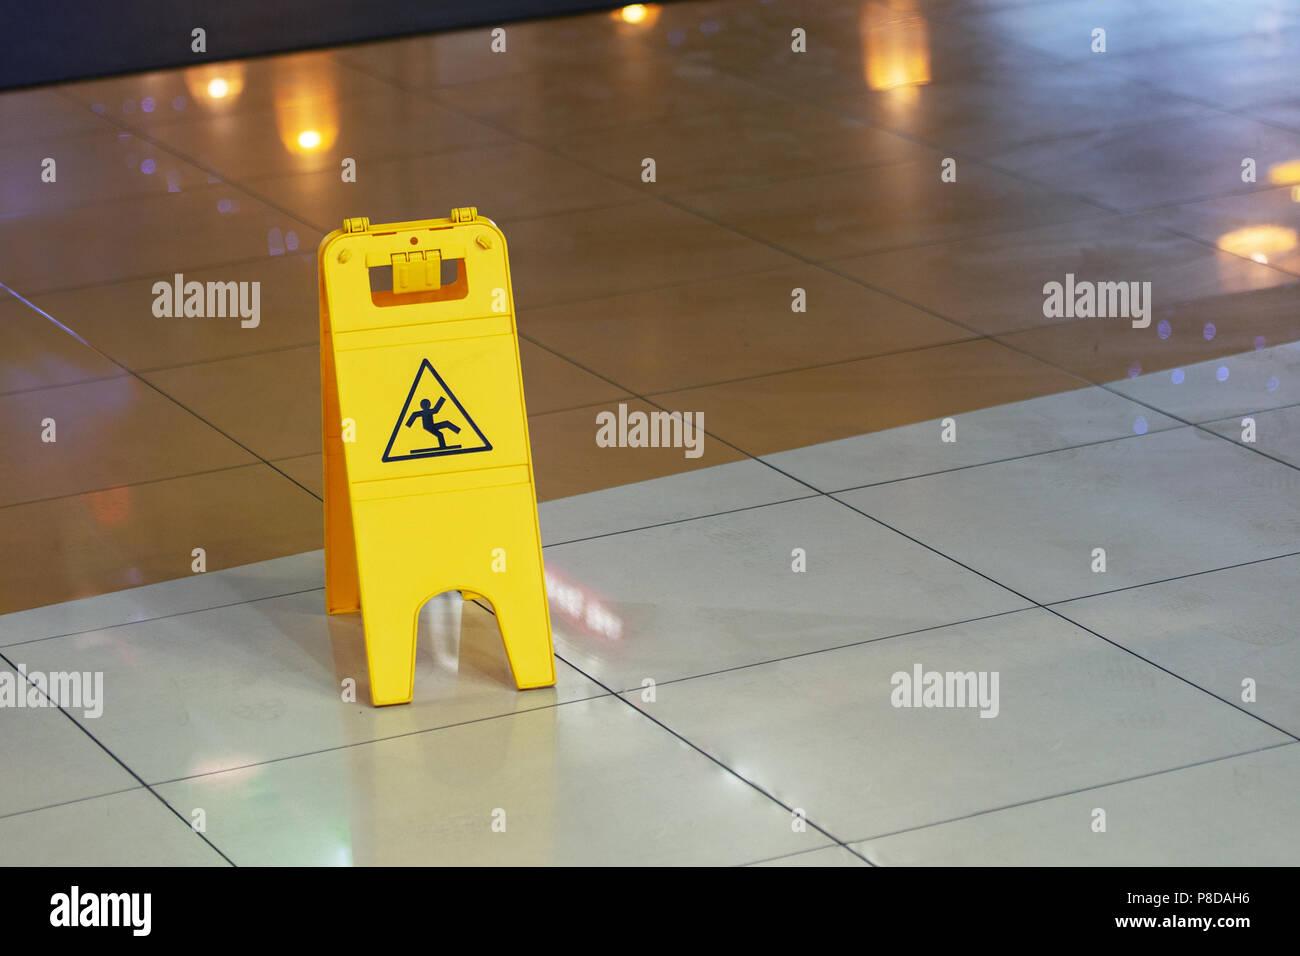 Ristorante segno pavimento bagnato ristorante pavimenti